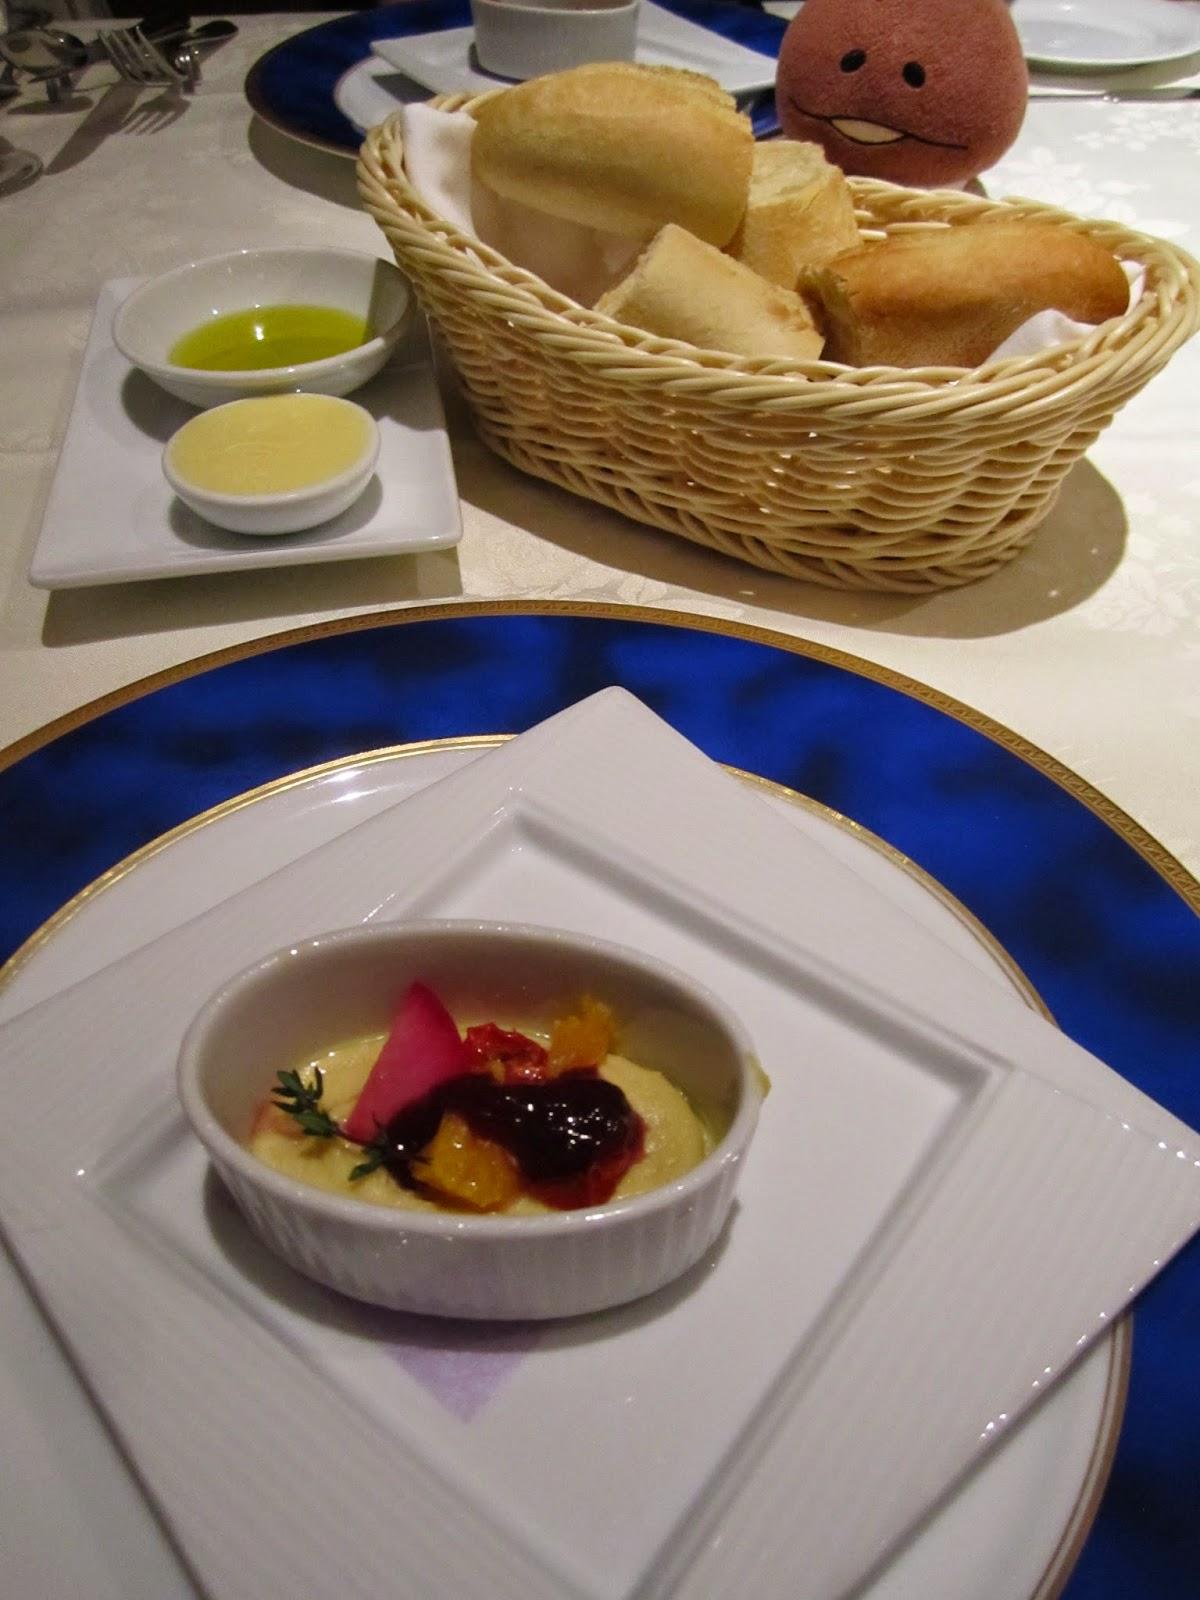 Hotel Neuschloss Otaru Blau Kuste foie gras and semi-dried tomato mousse